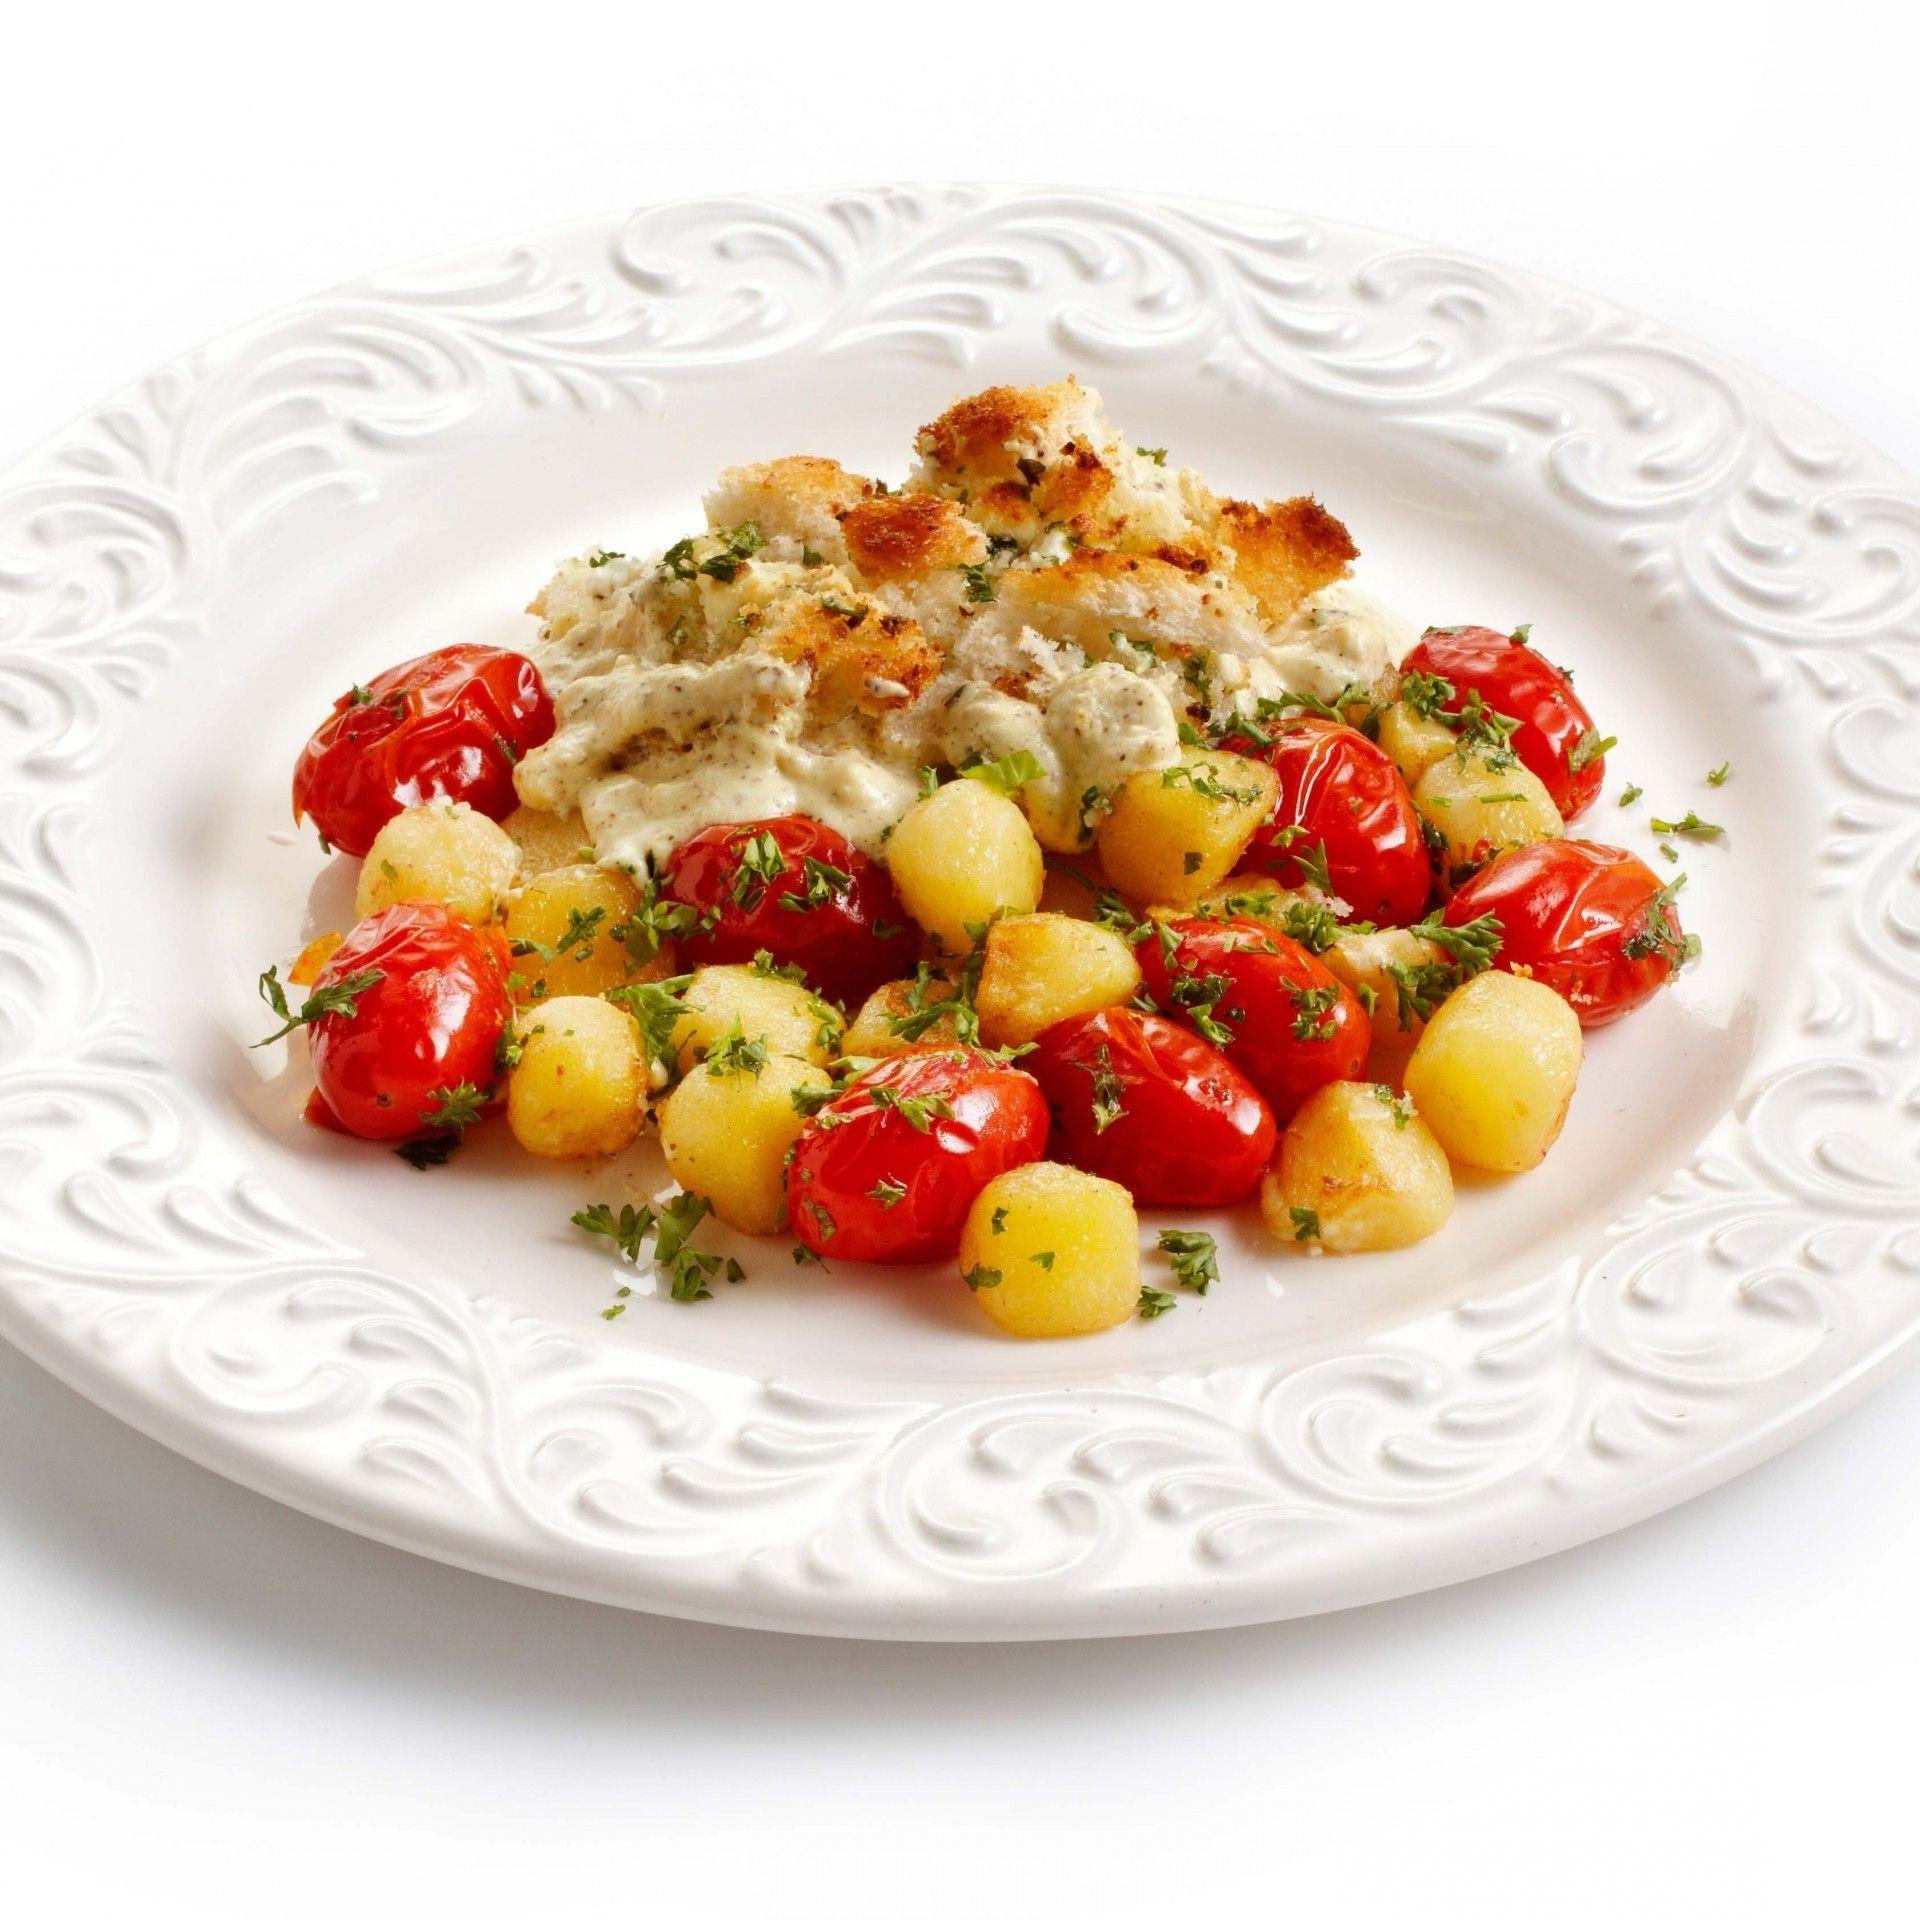 Morue festonnée avec pommes de terre et tomates cerises Morue festonnée avec pommes de terre et tomates cerises